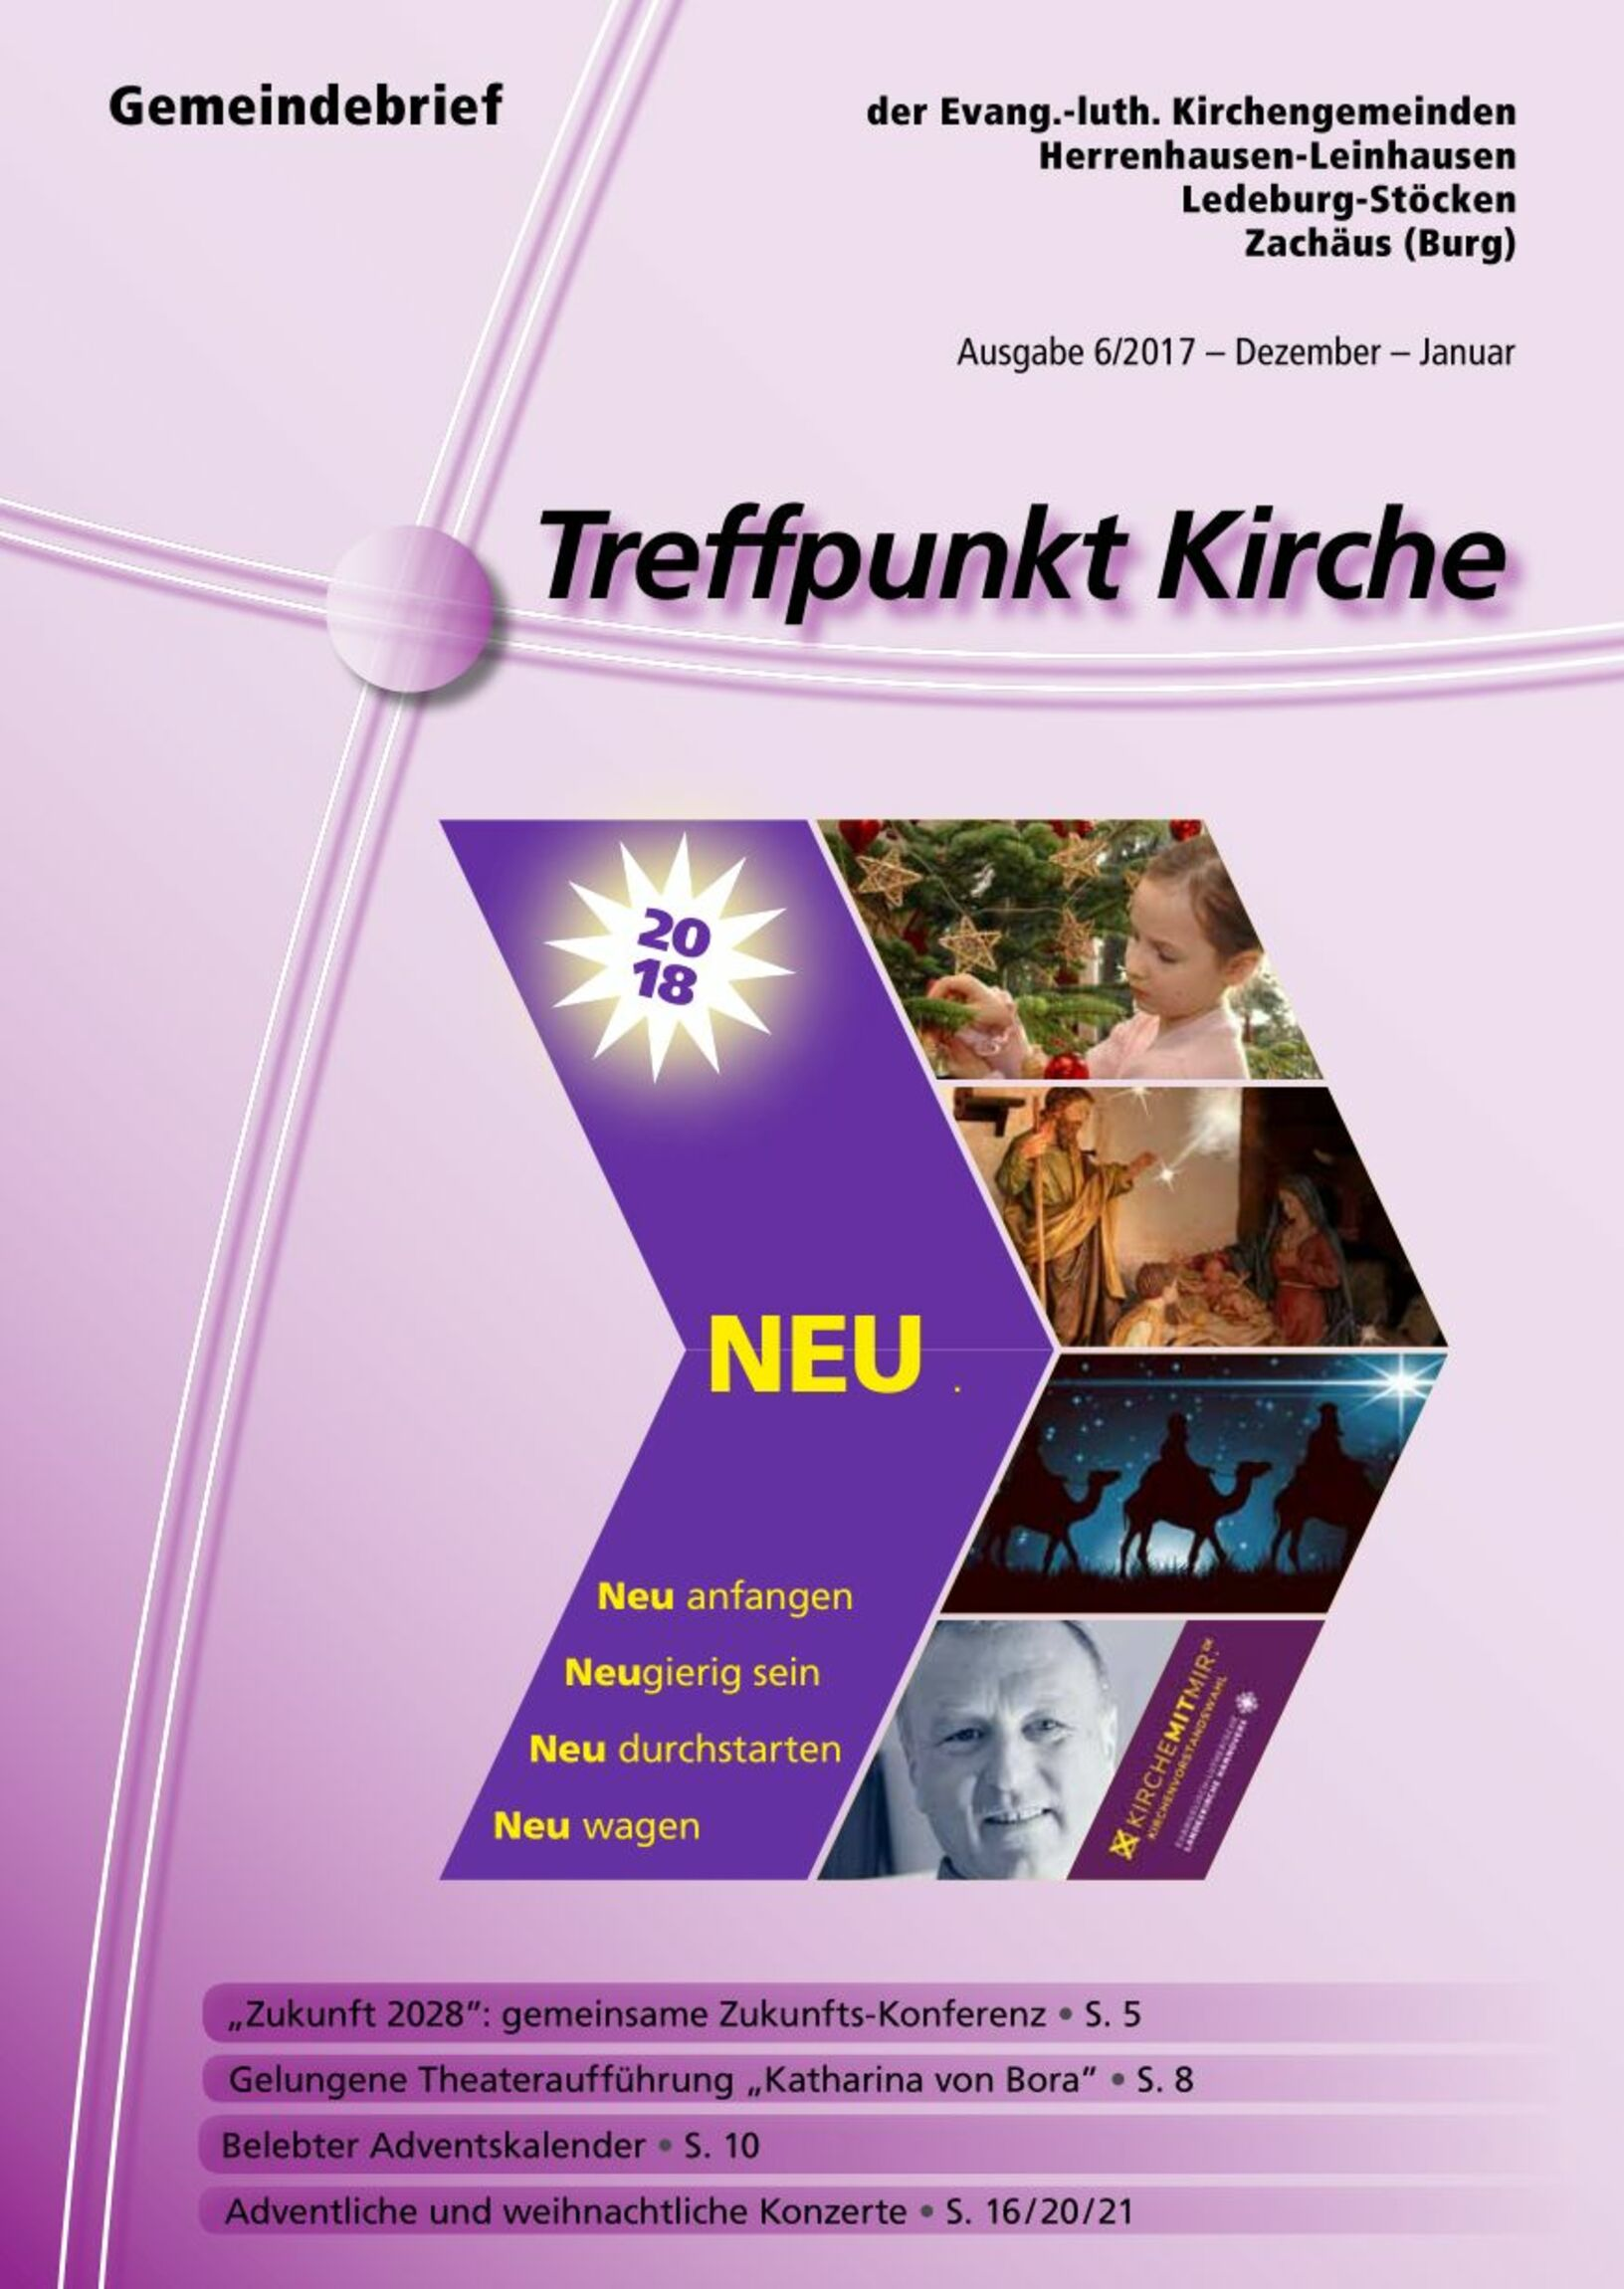 Gemeindebrief TPK 06-2017 Dezember-Januar